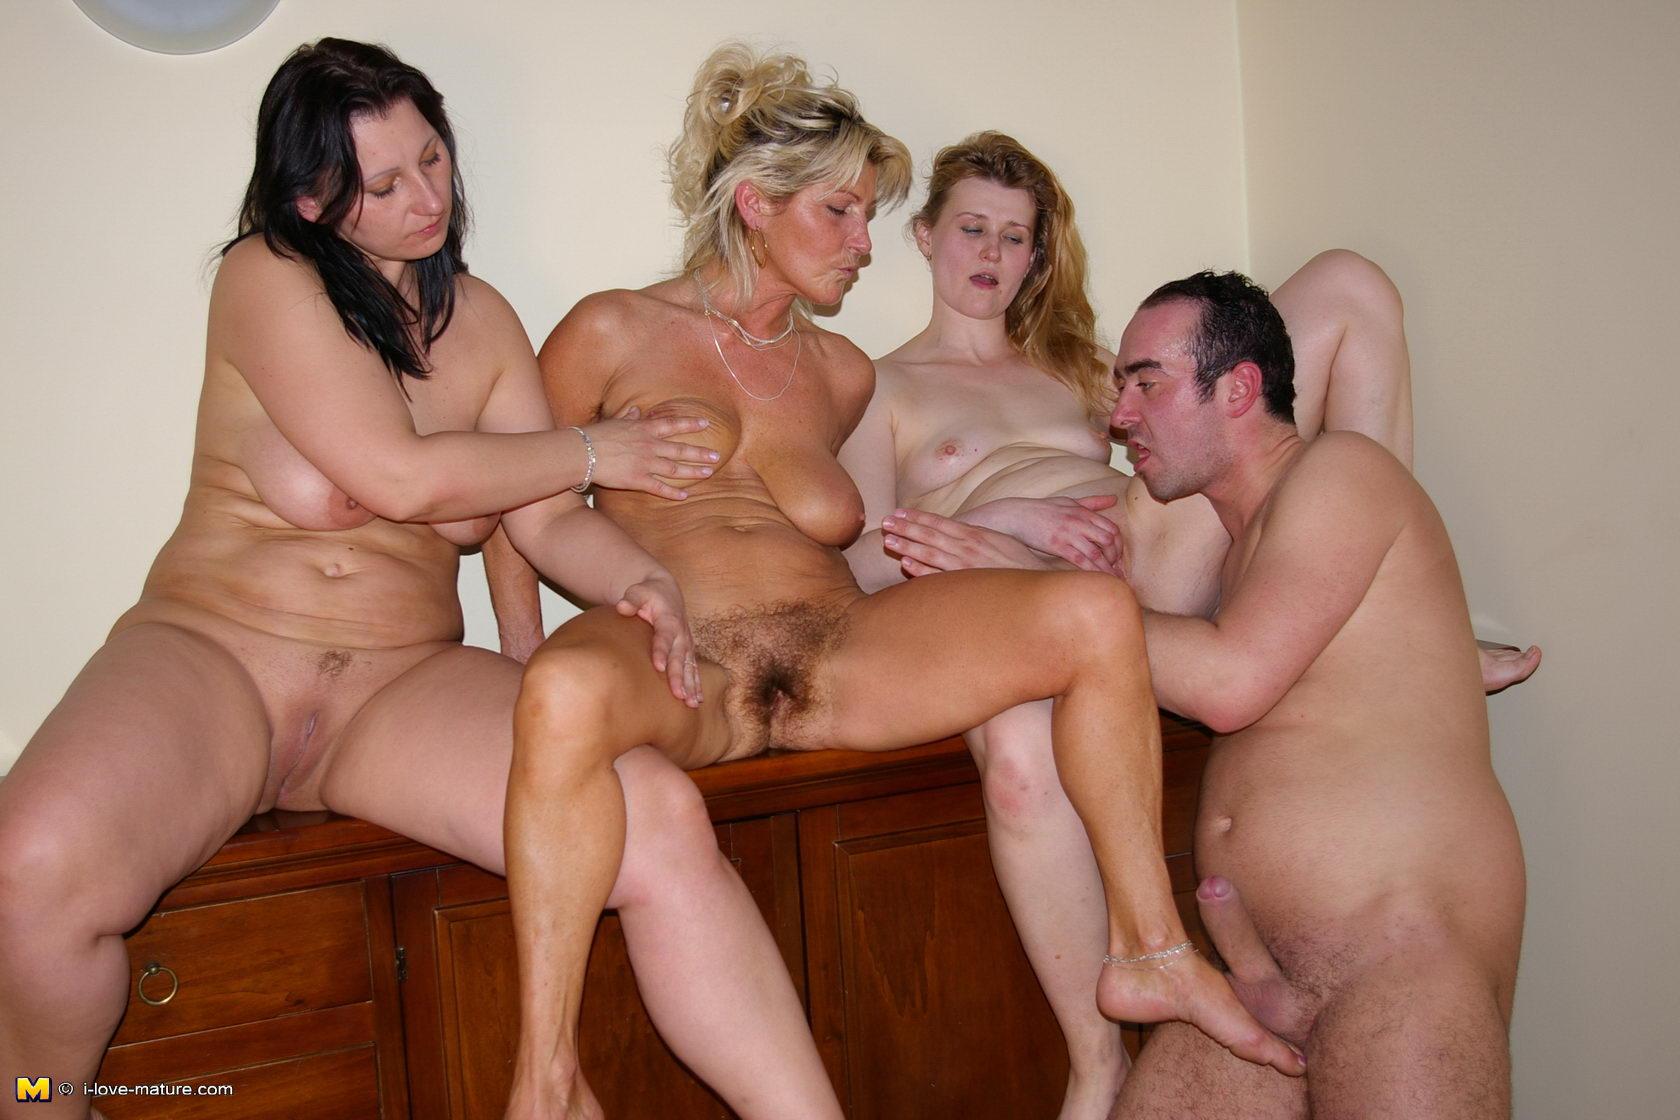 групповуха зрелых женщин.